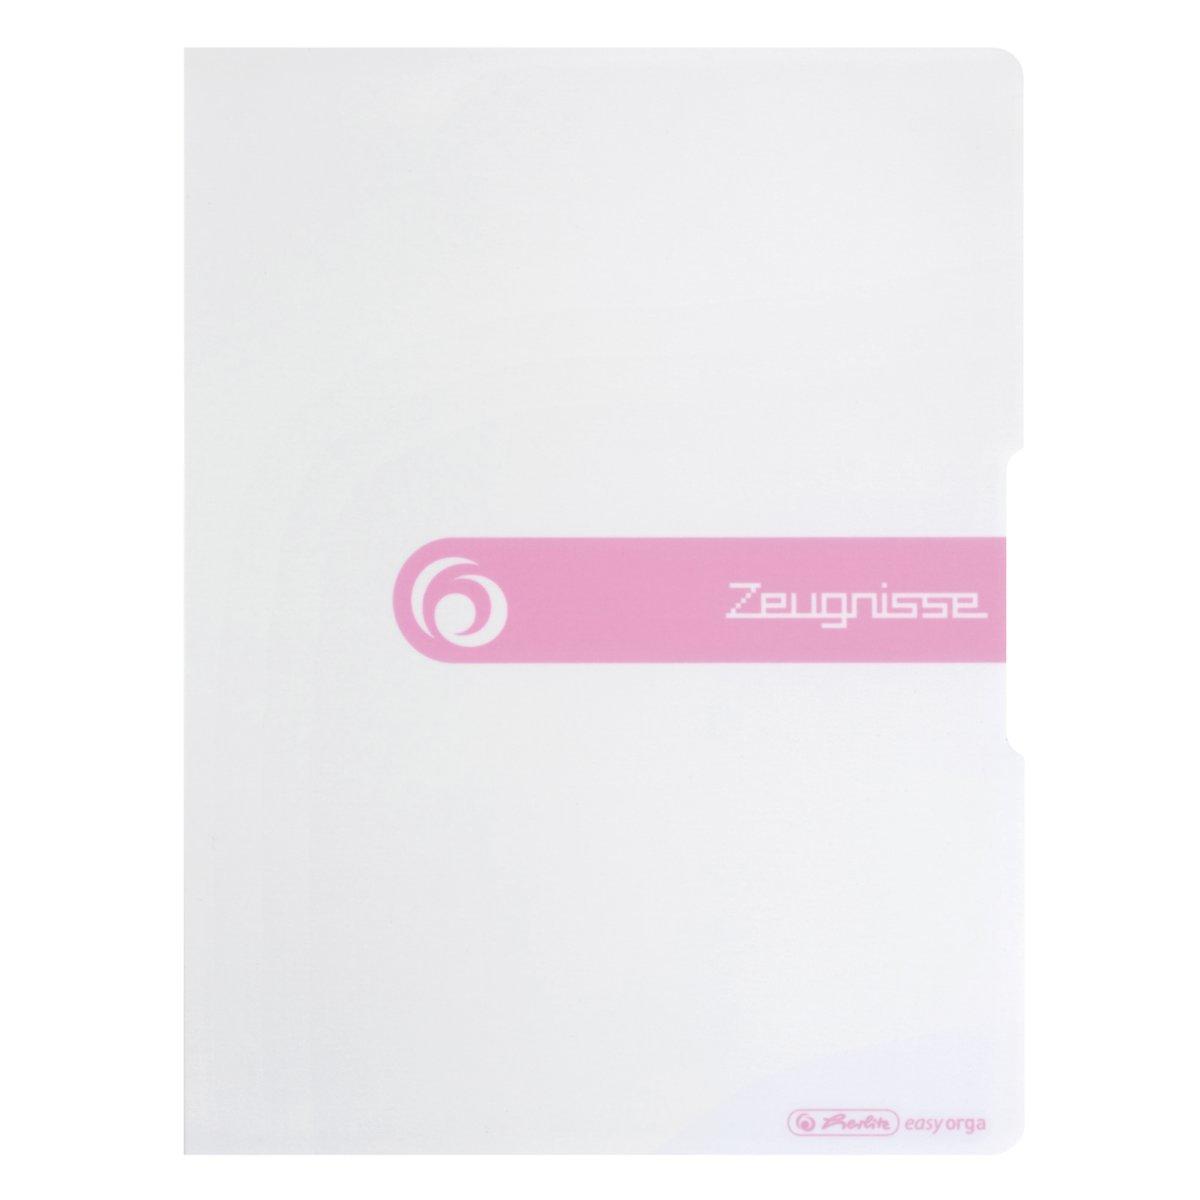 Herlitz Zeugnisse - Konventioneller Dateiordner - A4 - Polypropylen (PP) - Weiß - Porträt - 1 Stück(e)